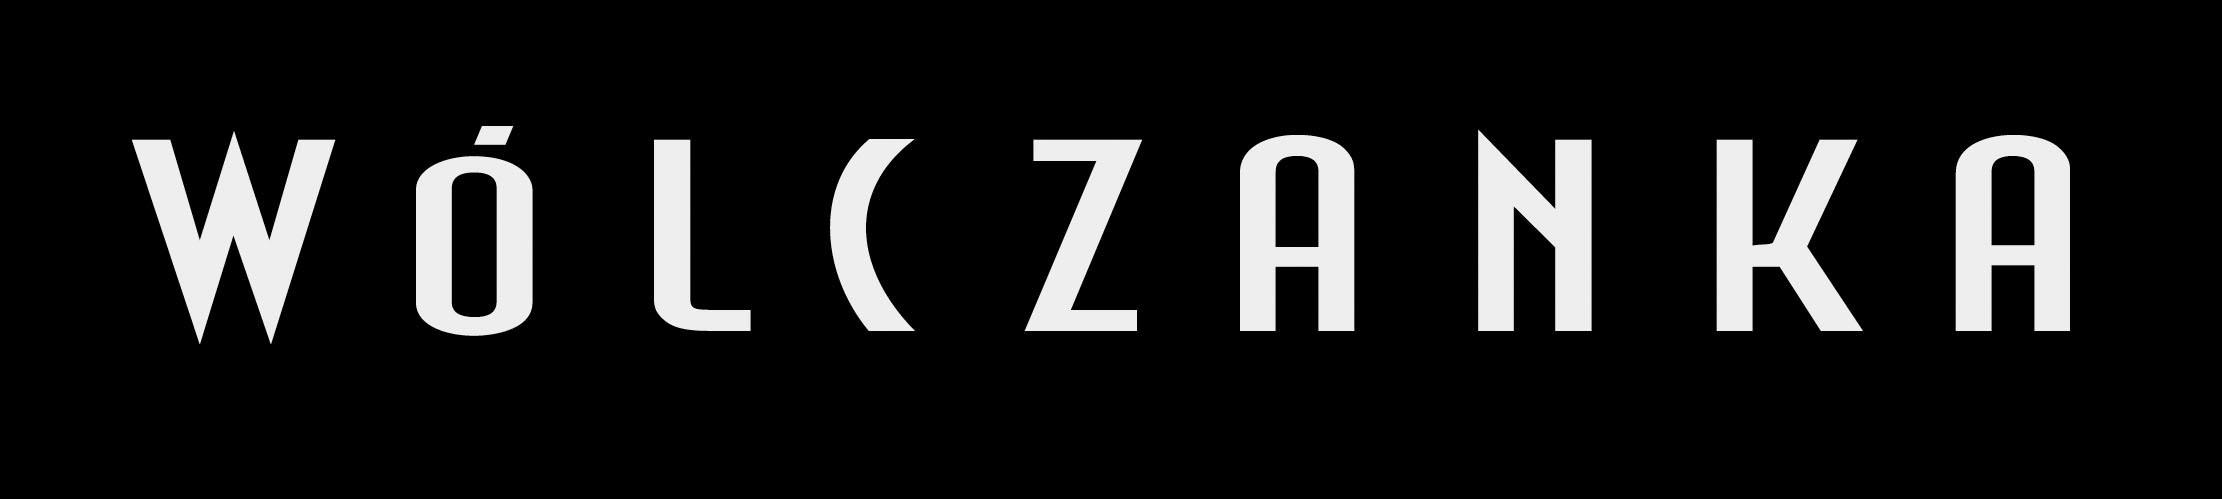 logo-wolczanka_black